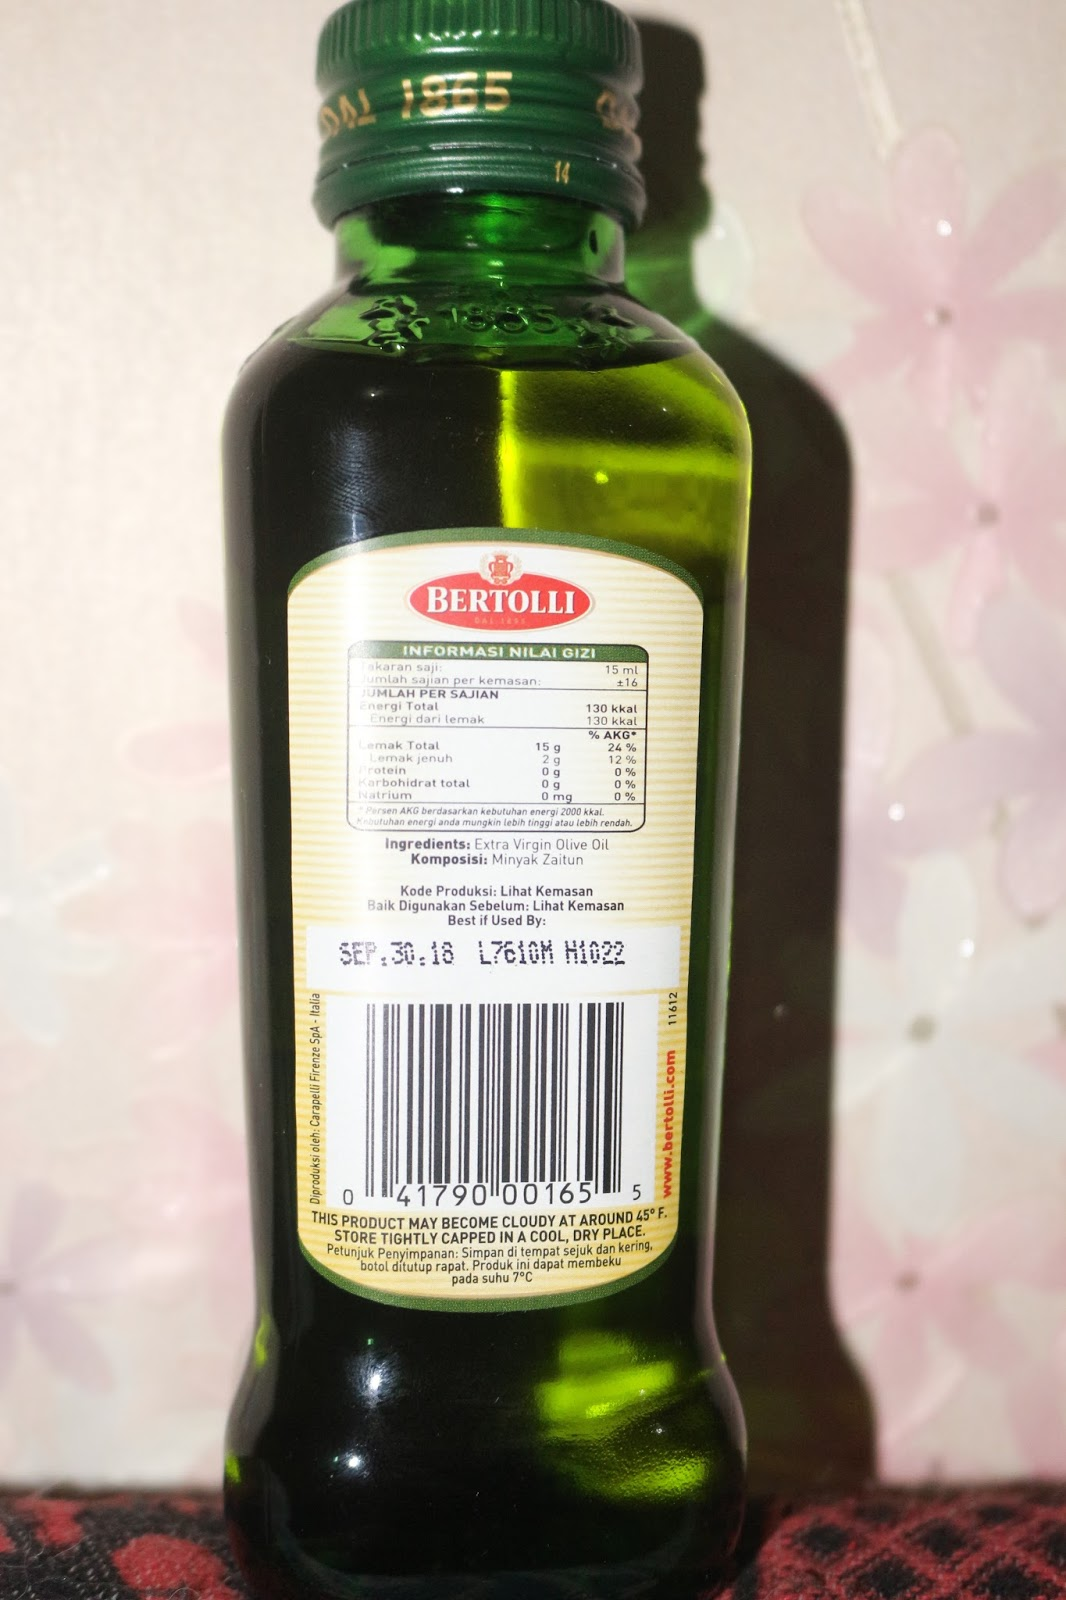 Review Minyak Zaitun Bertolli Untuk Wajah Extra Virgin Olive Oil Borges 250 Ml Merk Ini Saya Beli Dengan Harga Rp49 Ribu Di Carefour Kamu Juga Bisa Cari Supermarket Lainnya Seperti Giant Superindo Dll